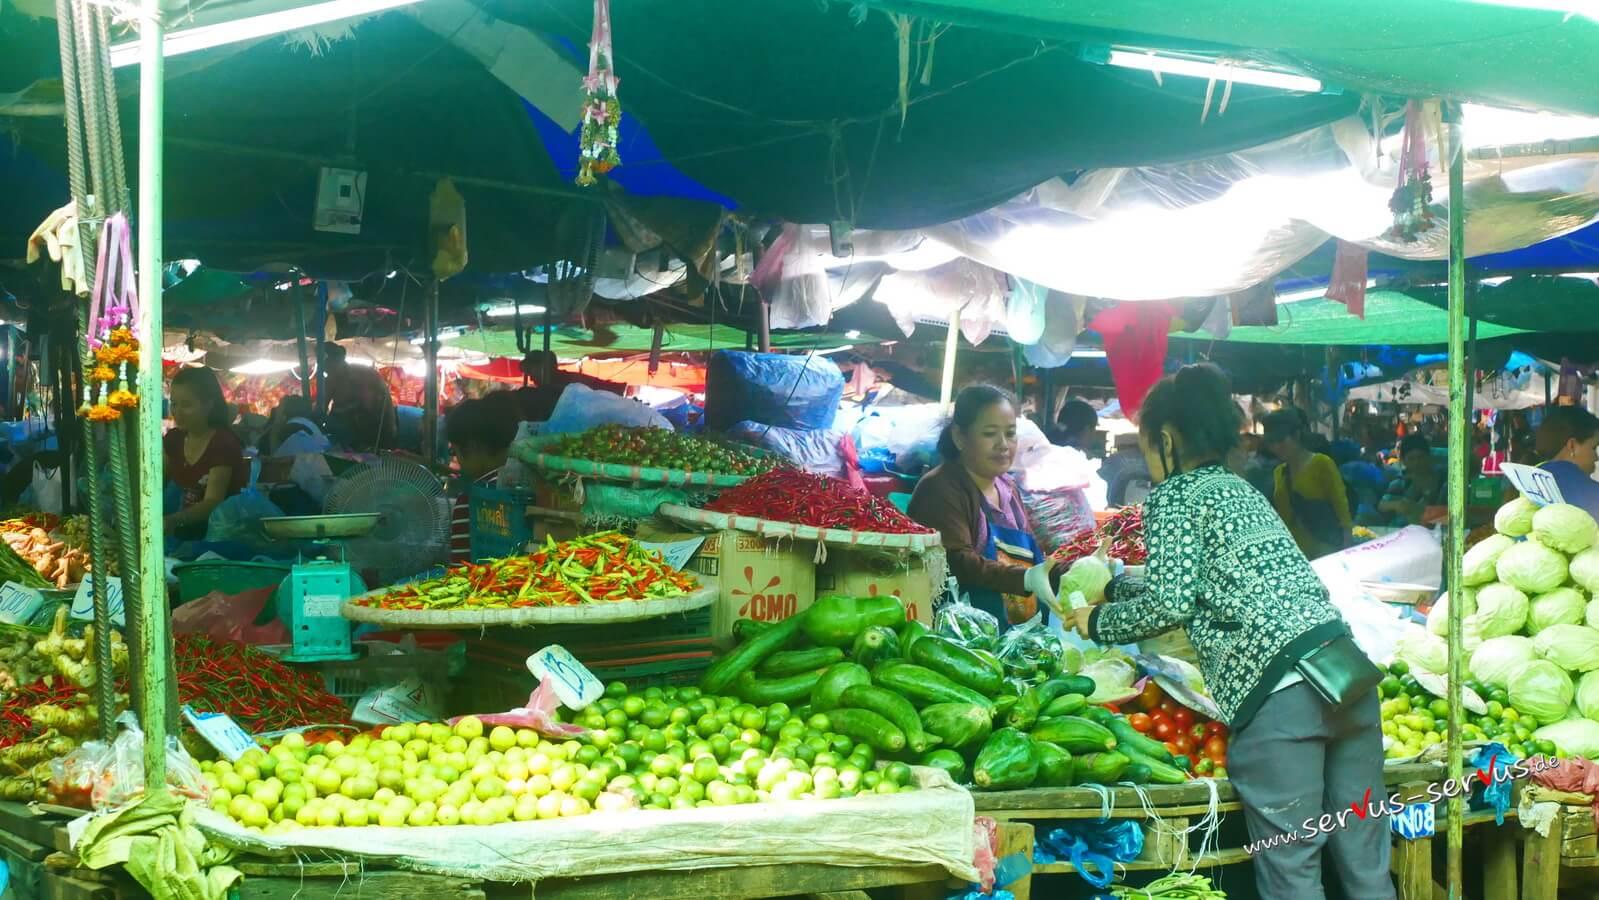 Gemüsemarkt, laos, vientiane, gurken